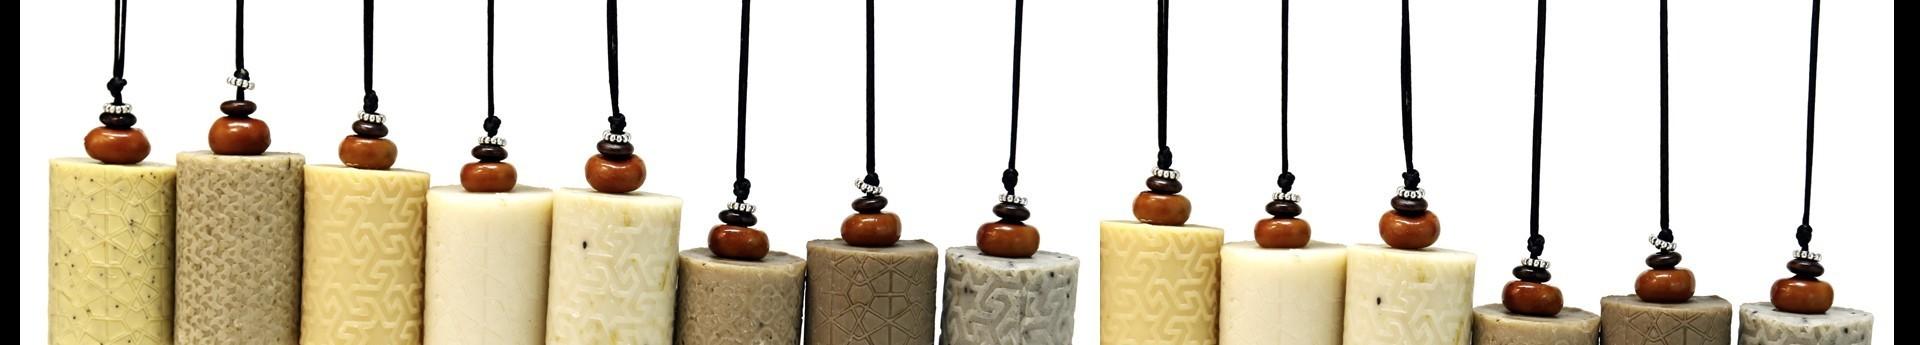 Une gamme de savons naturels et de produits cosmétiques bios.